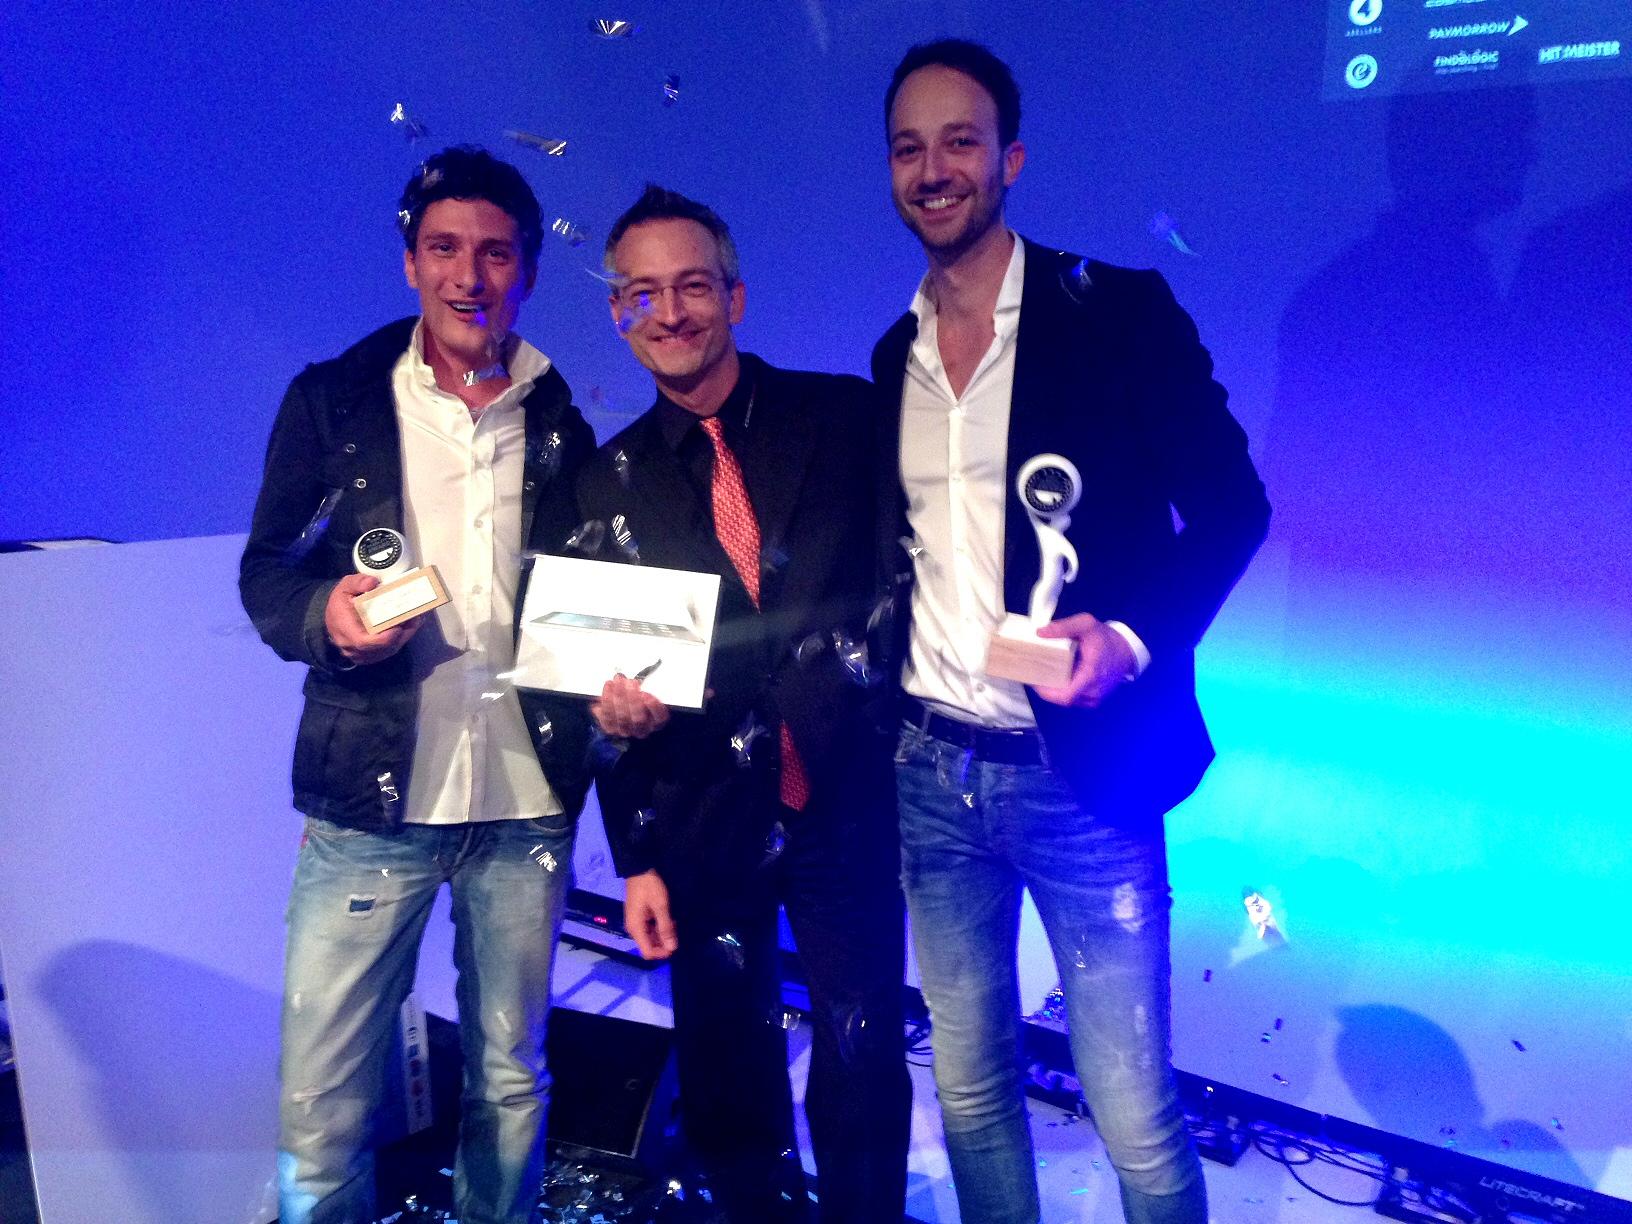 Der Hauptgewinner mit dem iPad von CosmoShop Shopsoftware